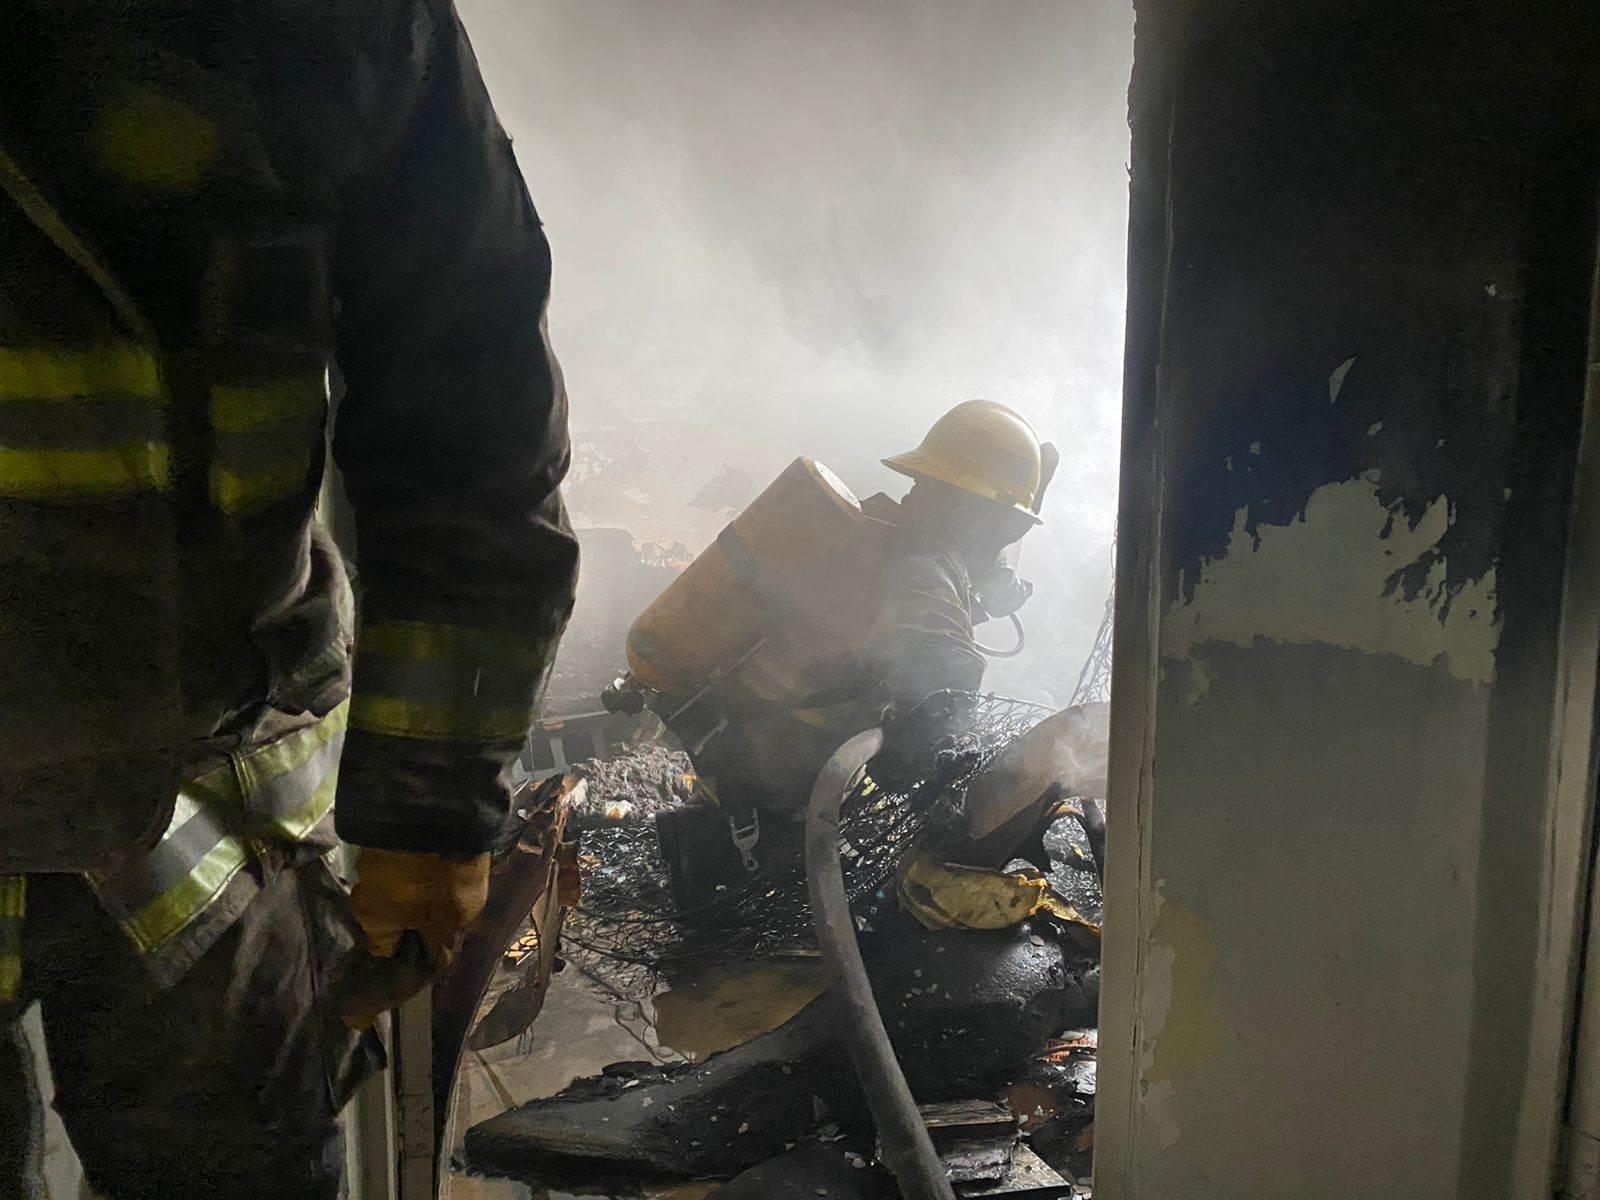 El incendio de un domicilio en Santa Catarina, movilizó a Protección Civil